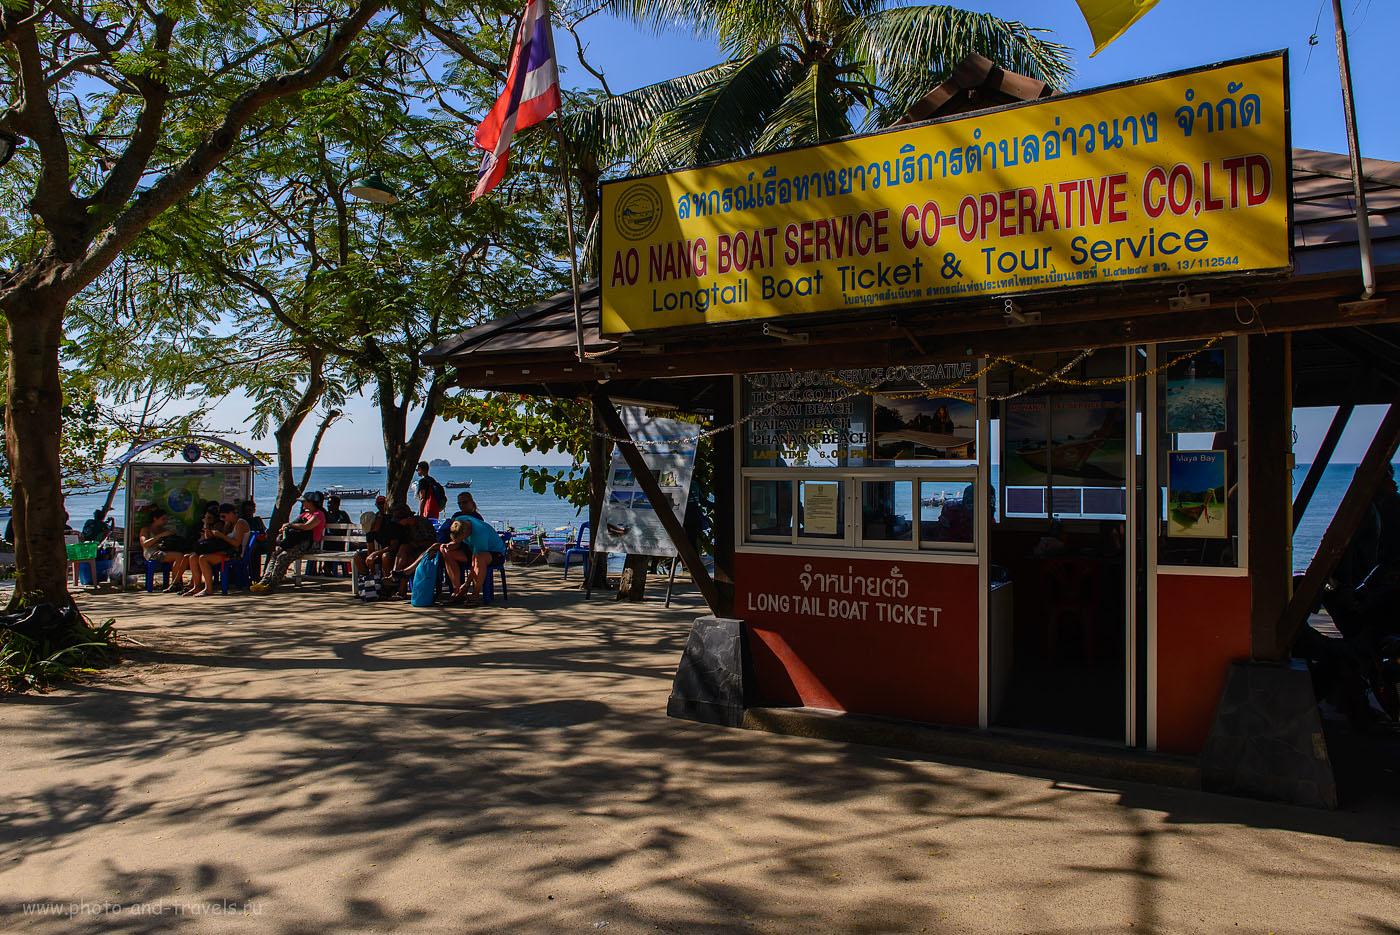 Фото 1. Кассы по продаже билетов на ближайшие к Ao Nang Beach острова. Как отдохнуть в Краби самостоятельно. Поездка по Таиланду на автомобиле. (фотоаппарат Nikon D610 body, объектив Nikkor 24-70/2.8, поляризационный фильтр Hoya HD Circular PL, настройки при съемке: светочувствительность ИСО 320, фокусное расстояние объектива 24 мм, диафрагма f/9.0, выдержка 1/200 секунды)